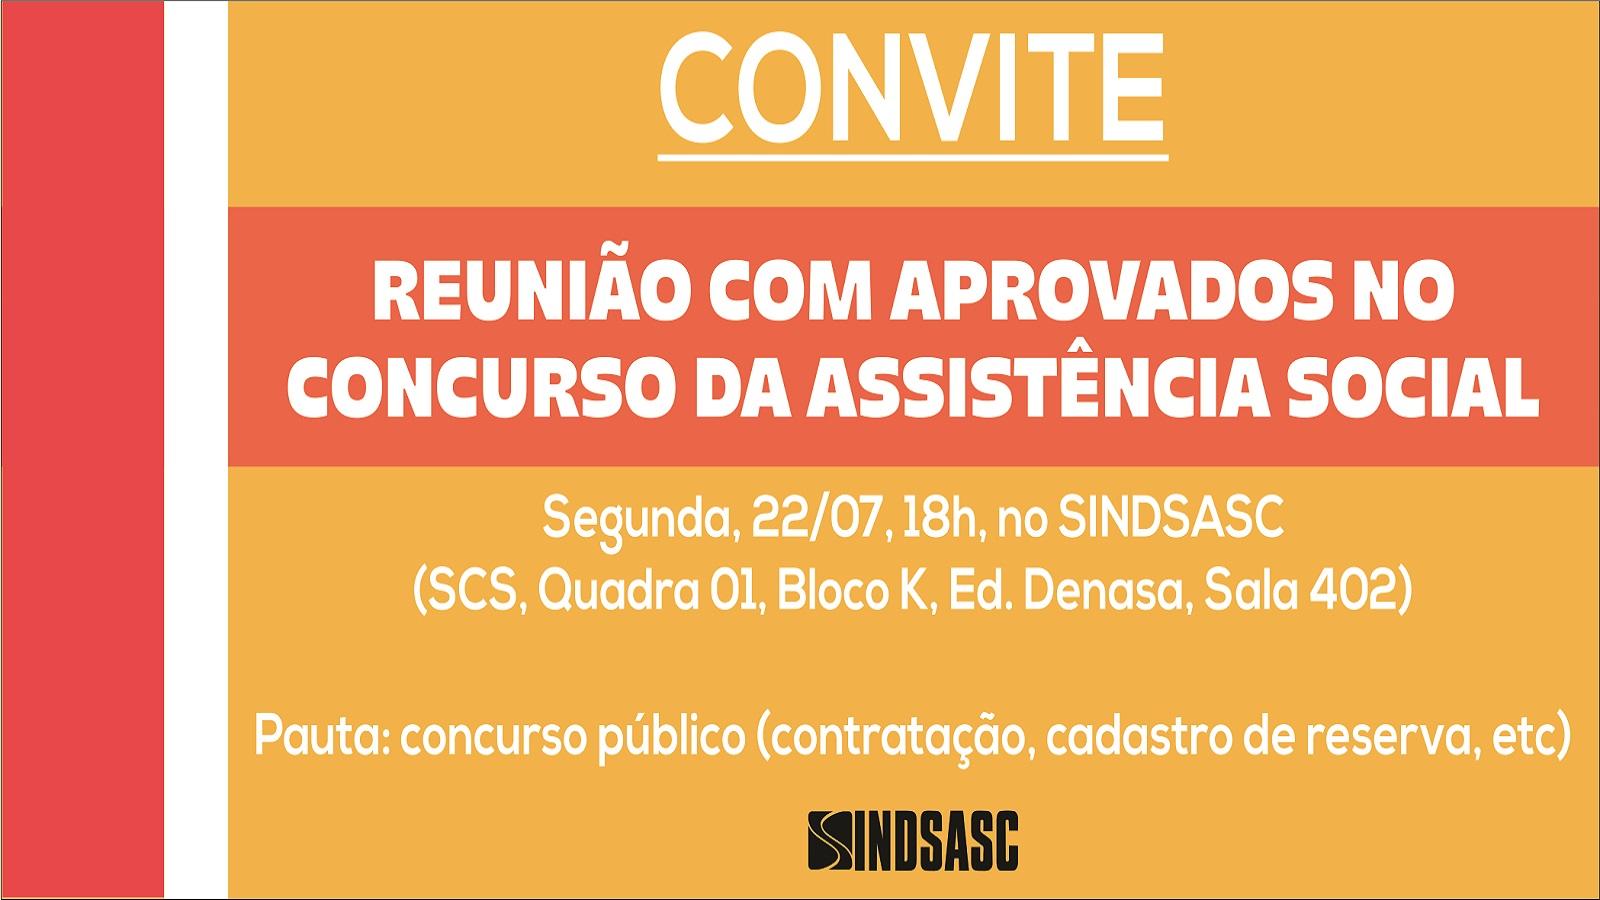 Convite - Reunião com os aprovados no concurso da assistência social